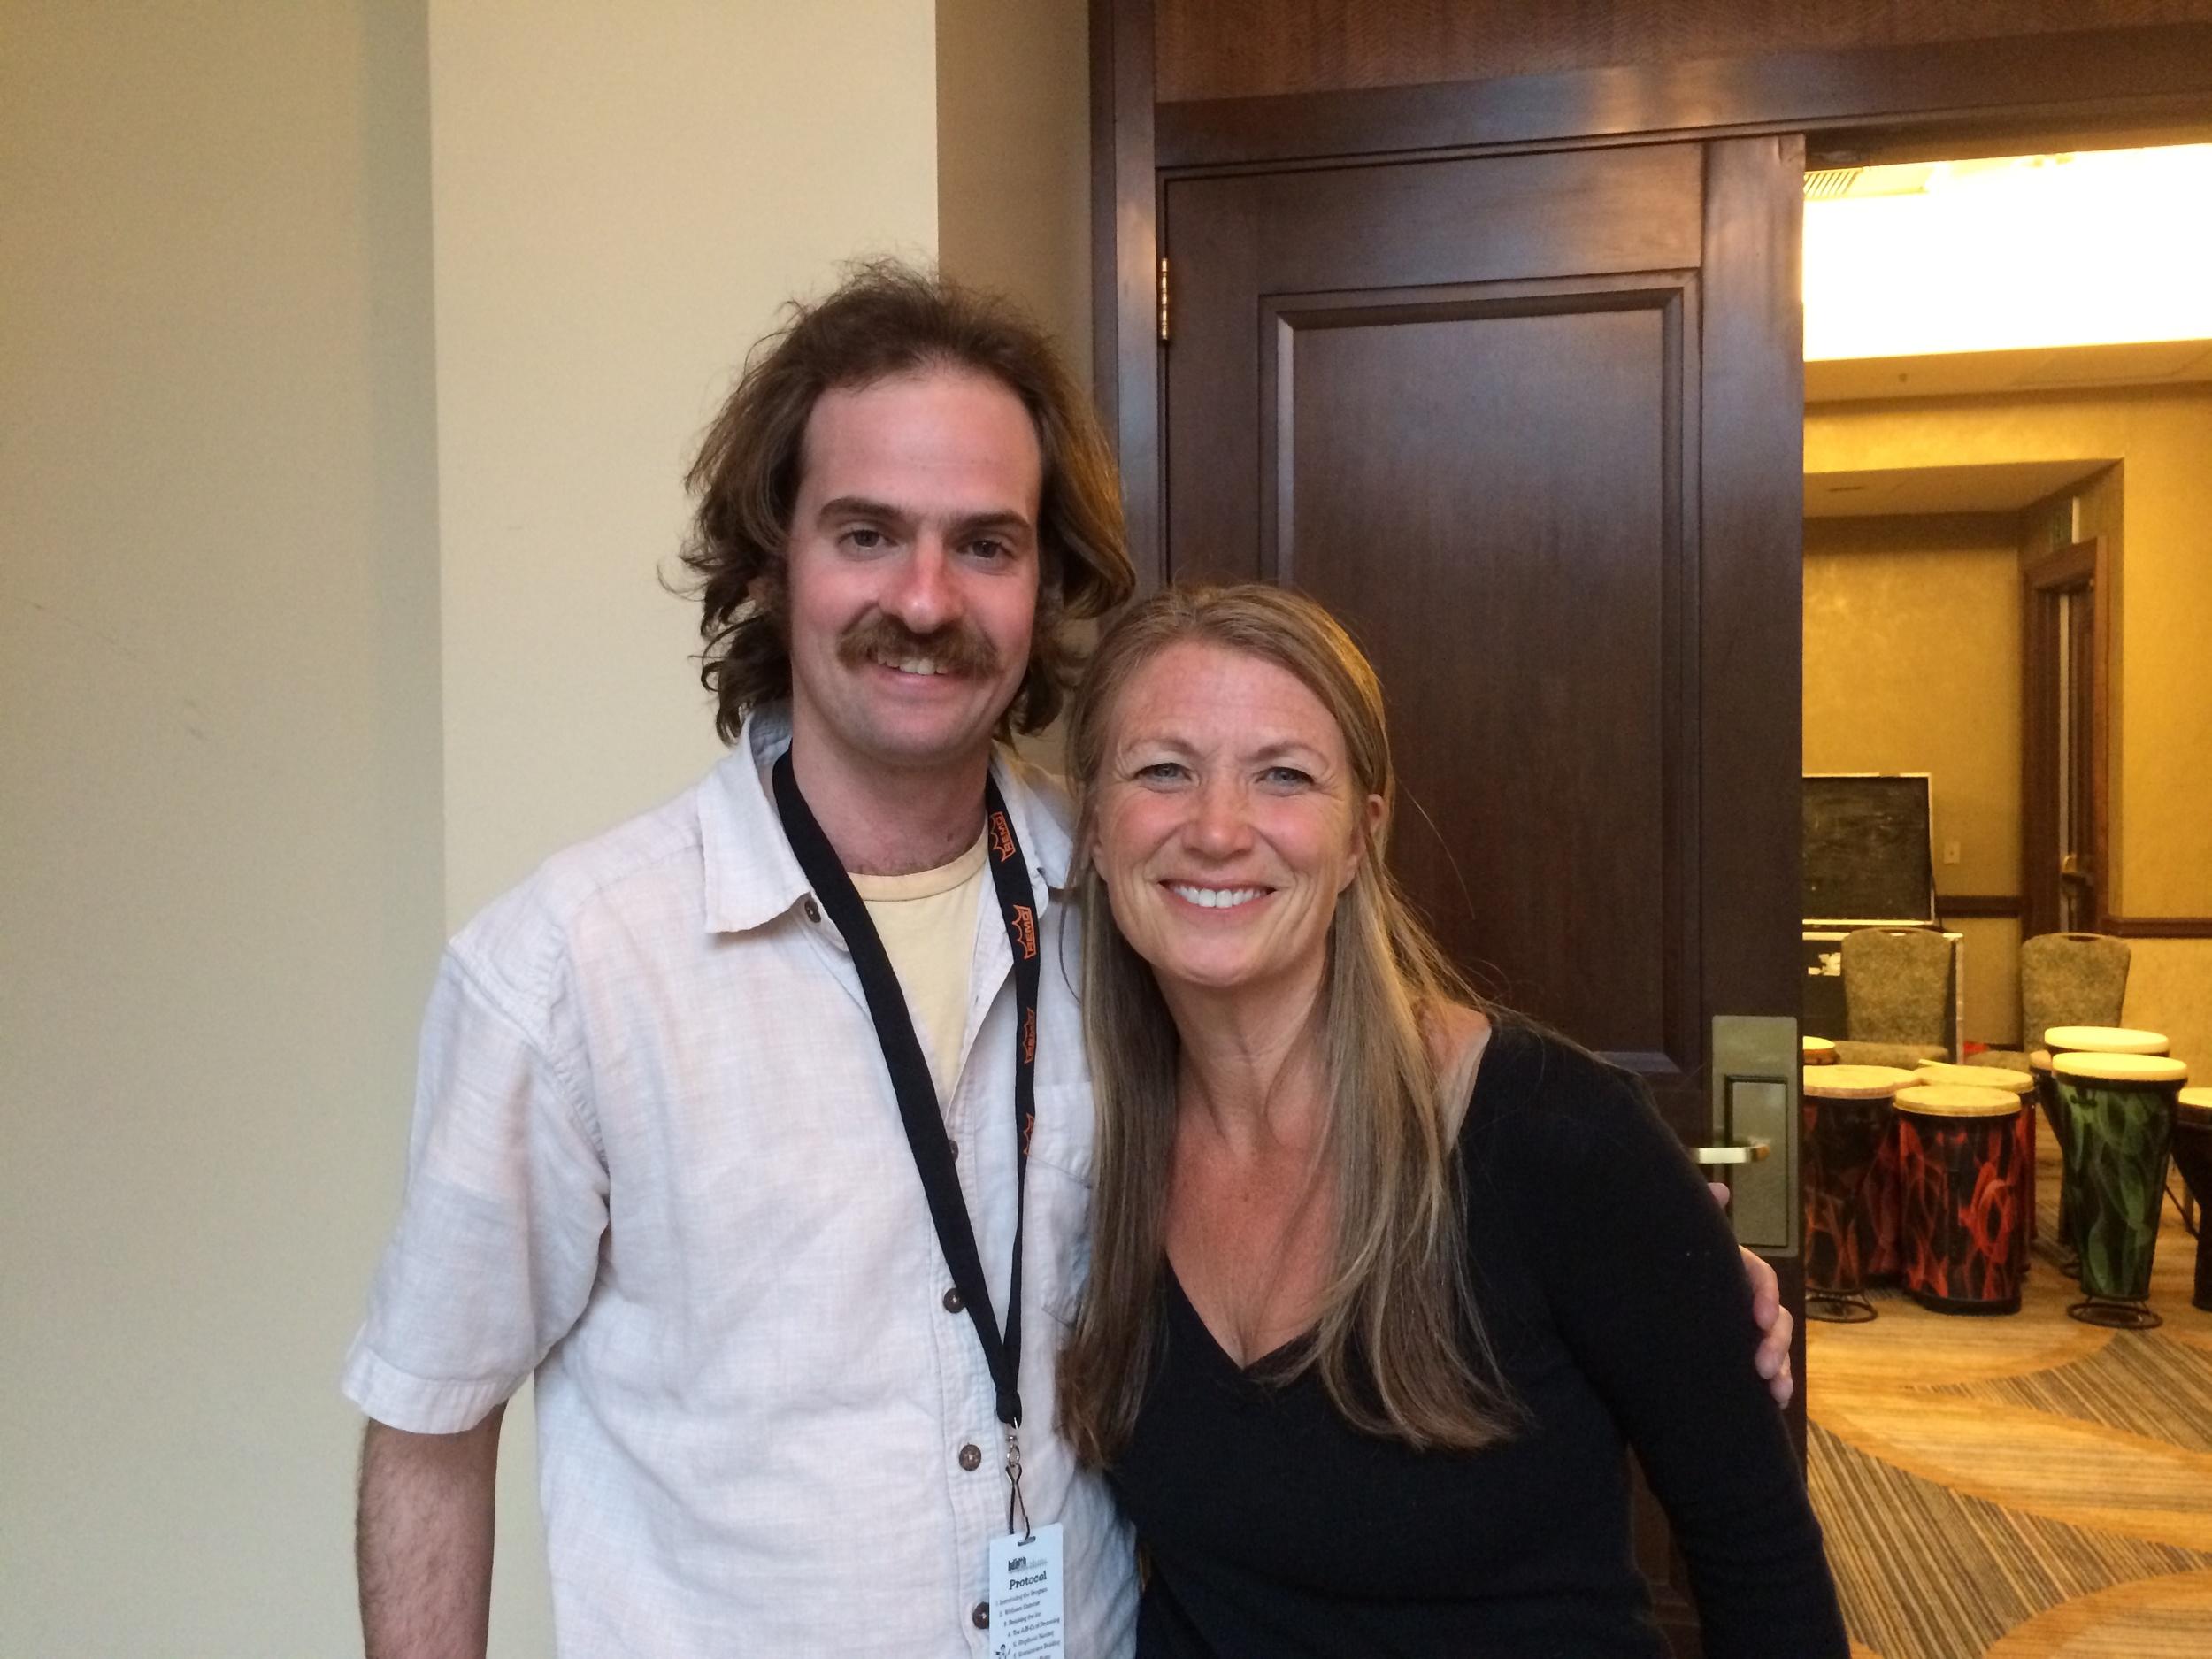 Noah Plotkin & Christine Stevens